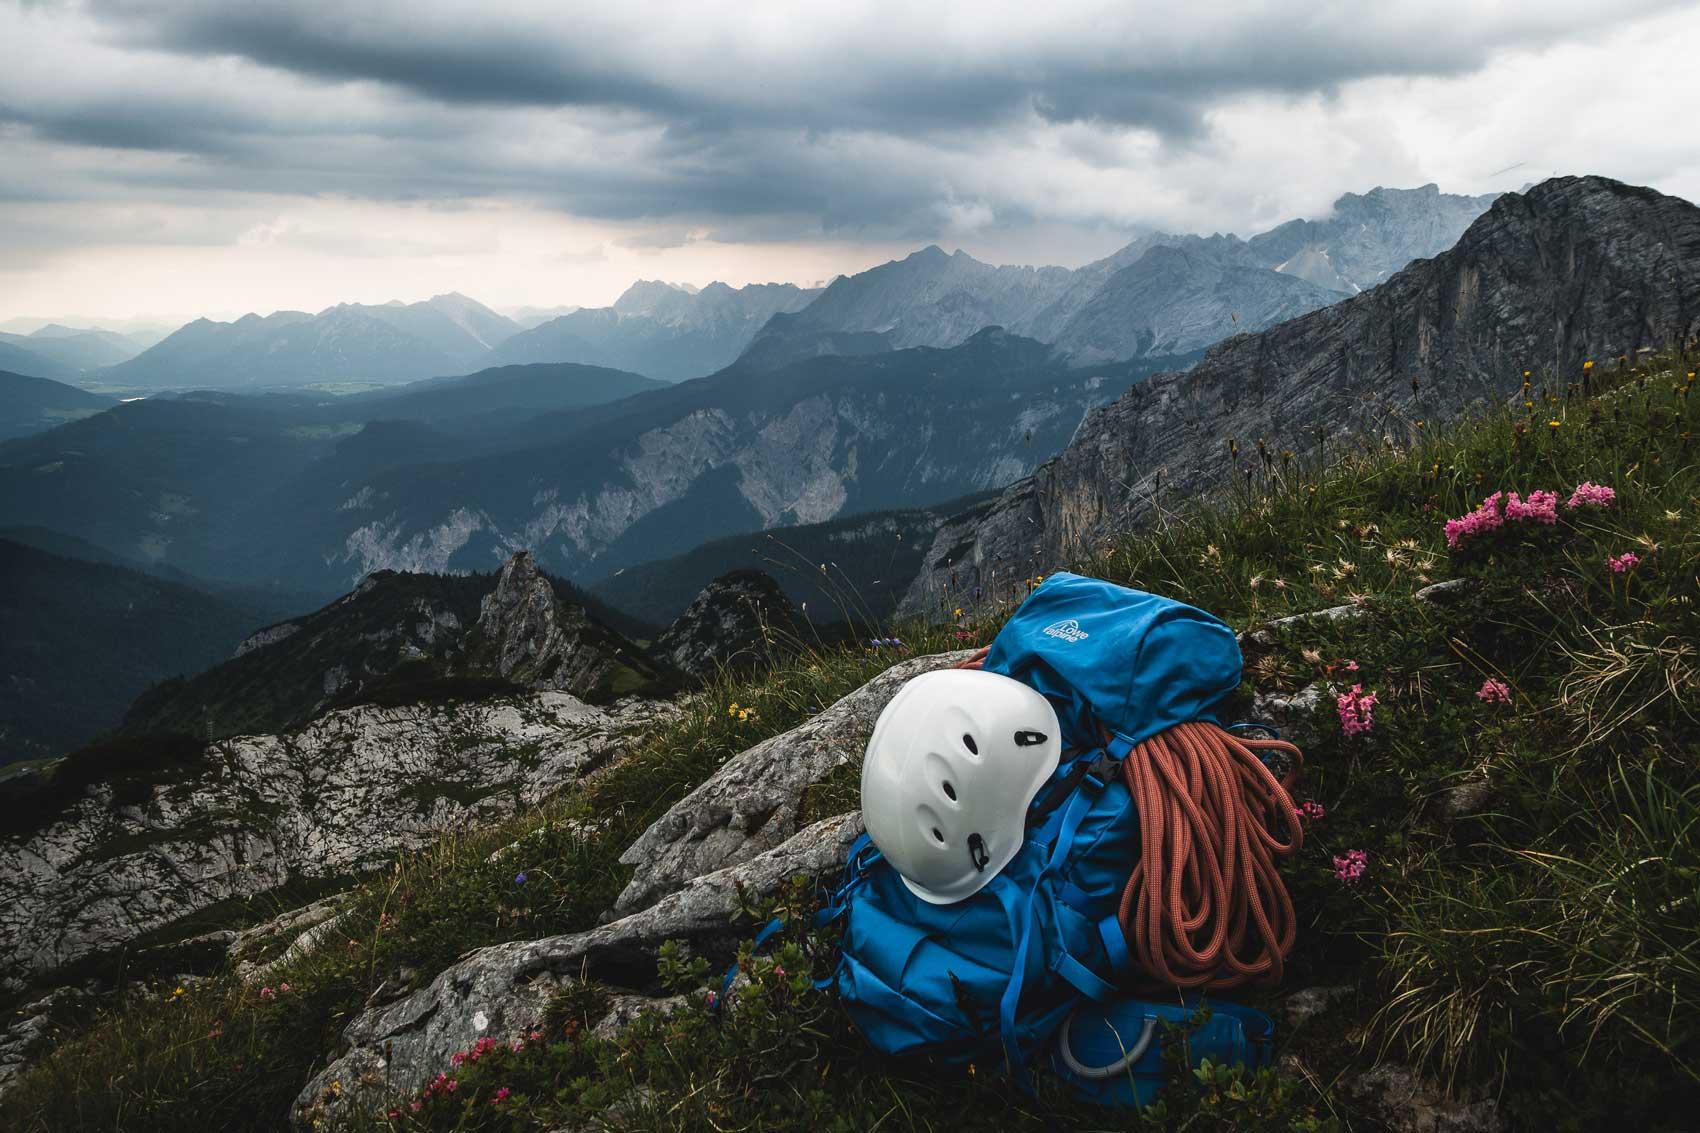 munichmountaingirls-bergzeit-alpincamp-Aussicht-auf-die-Bayerischen-Voralpen-Lowe.Alpine-Rucksack-germanadventurer